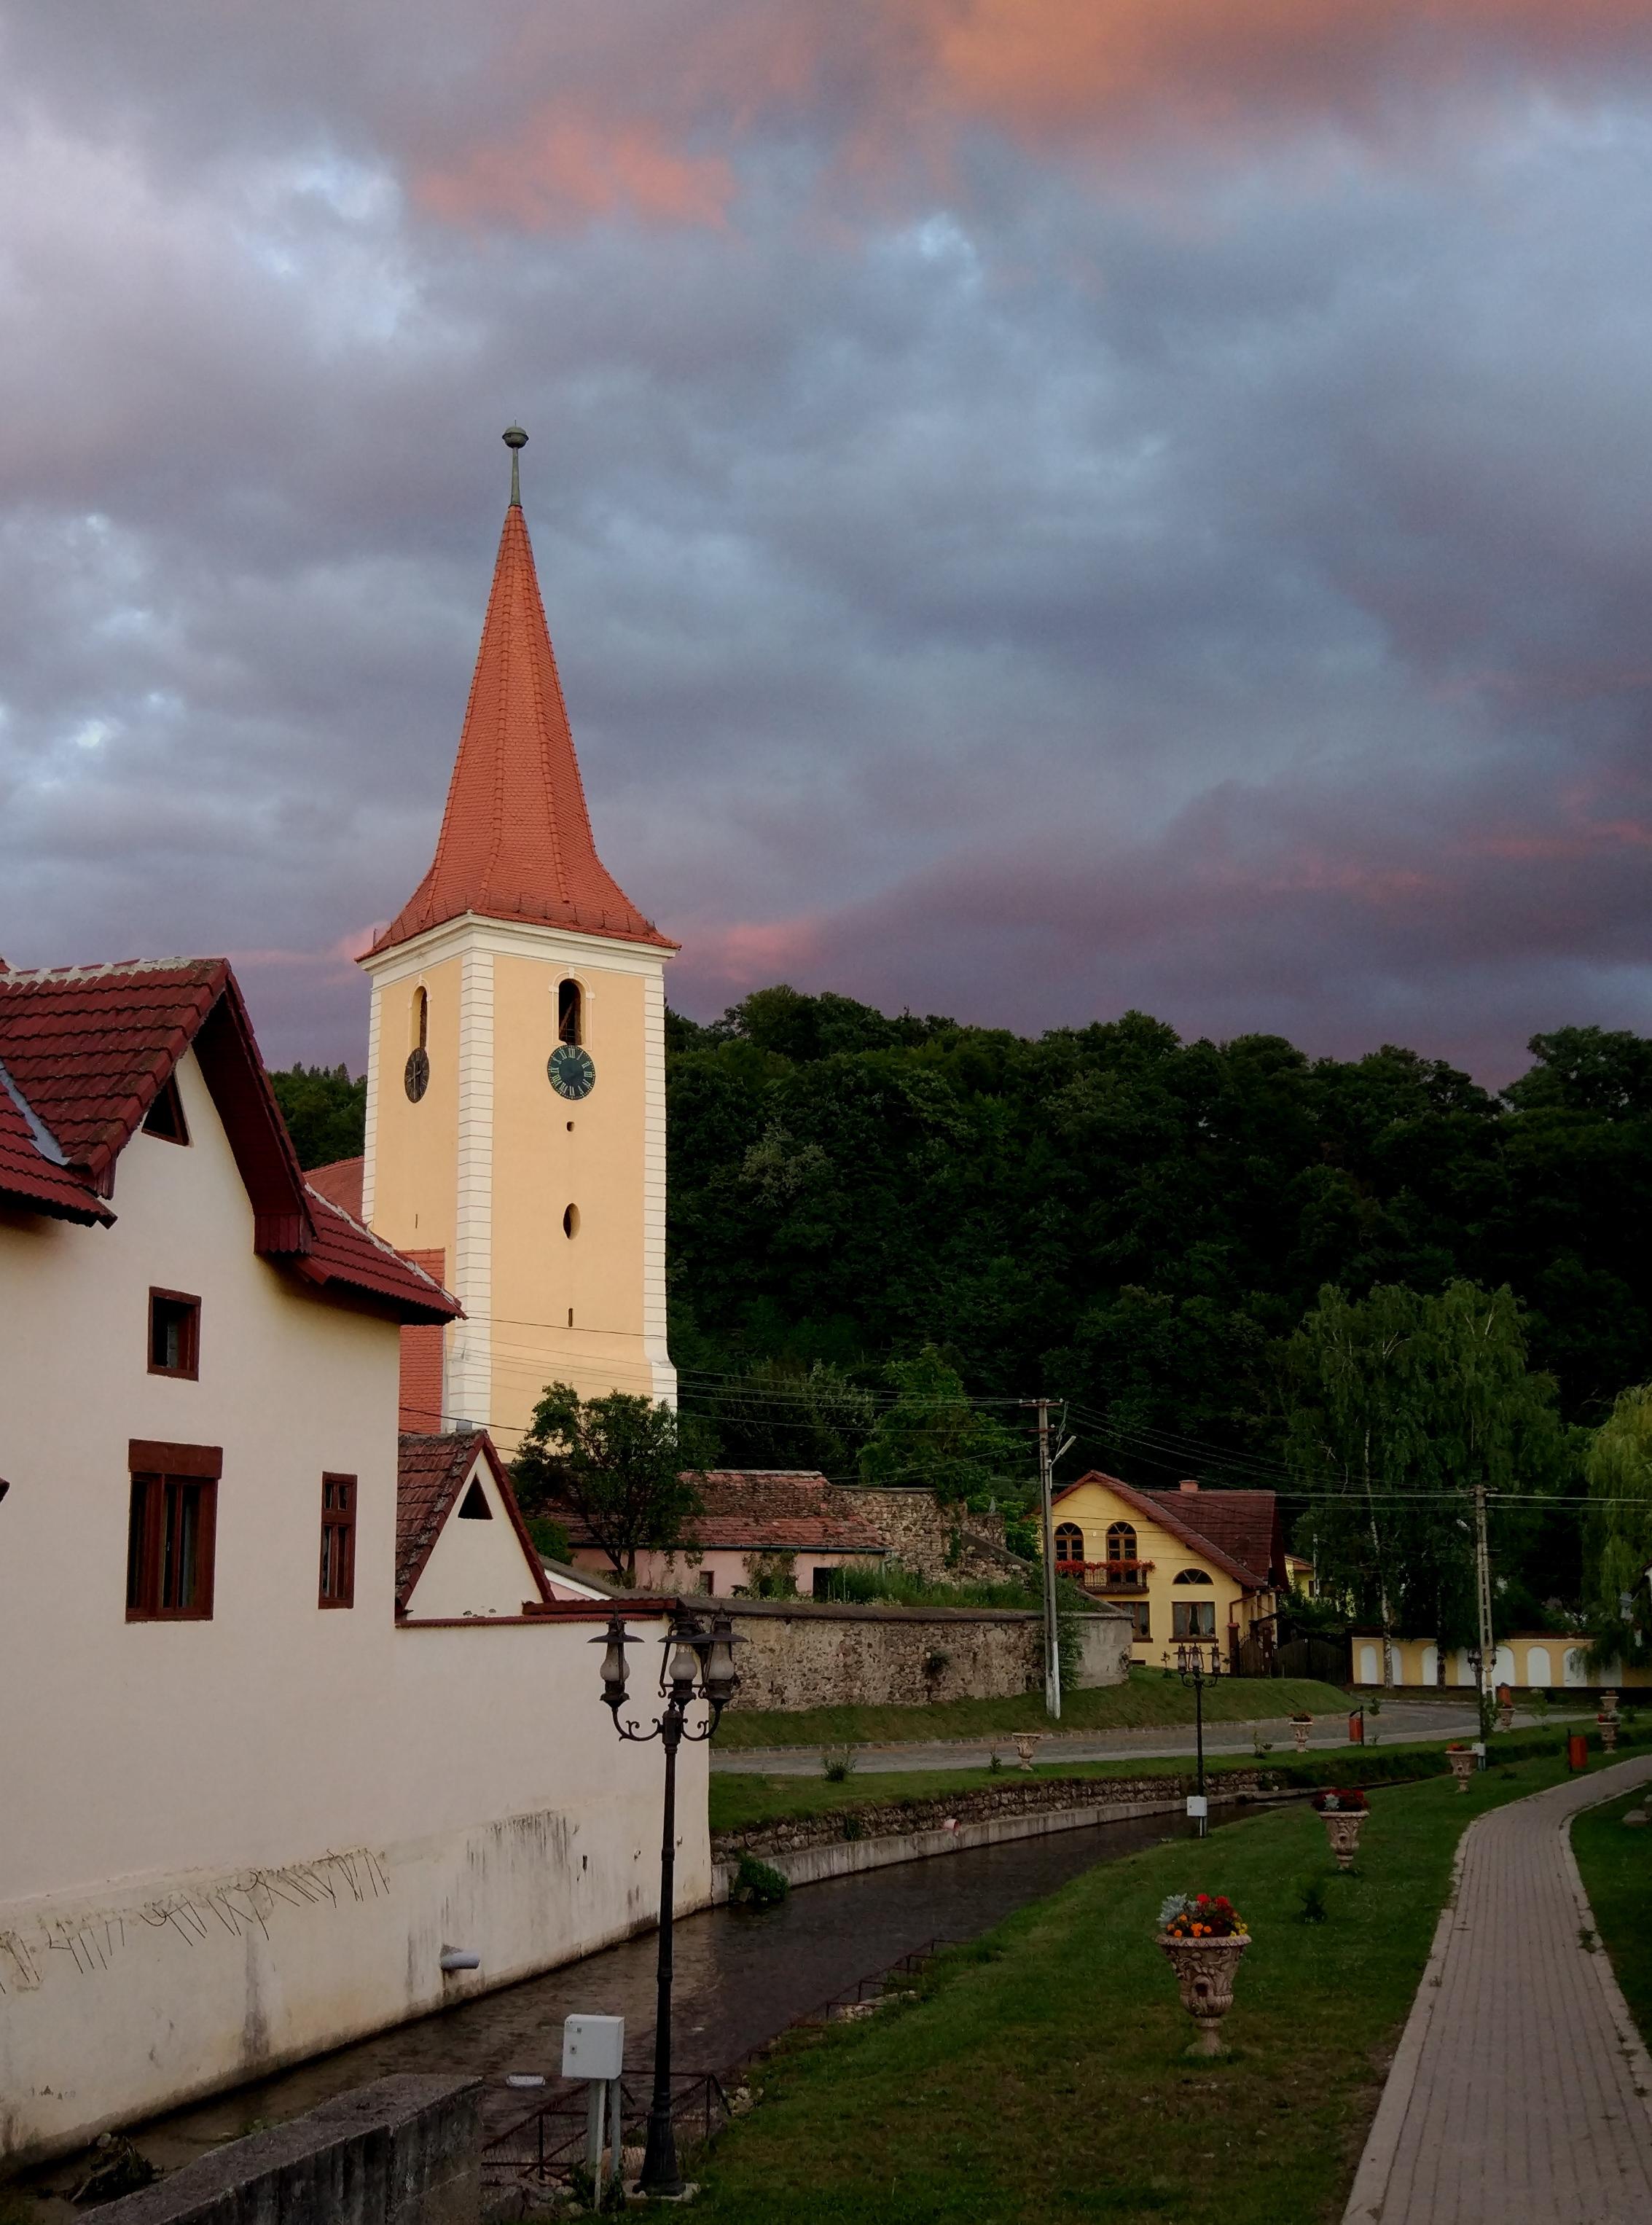 Rothberg mit Kirche